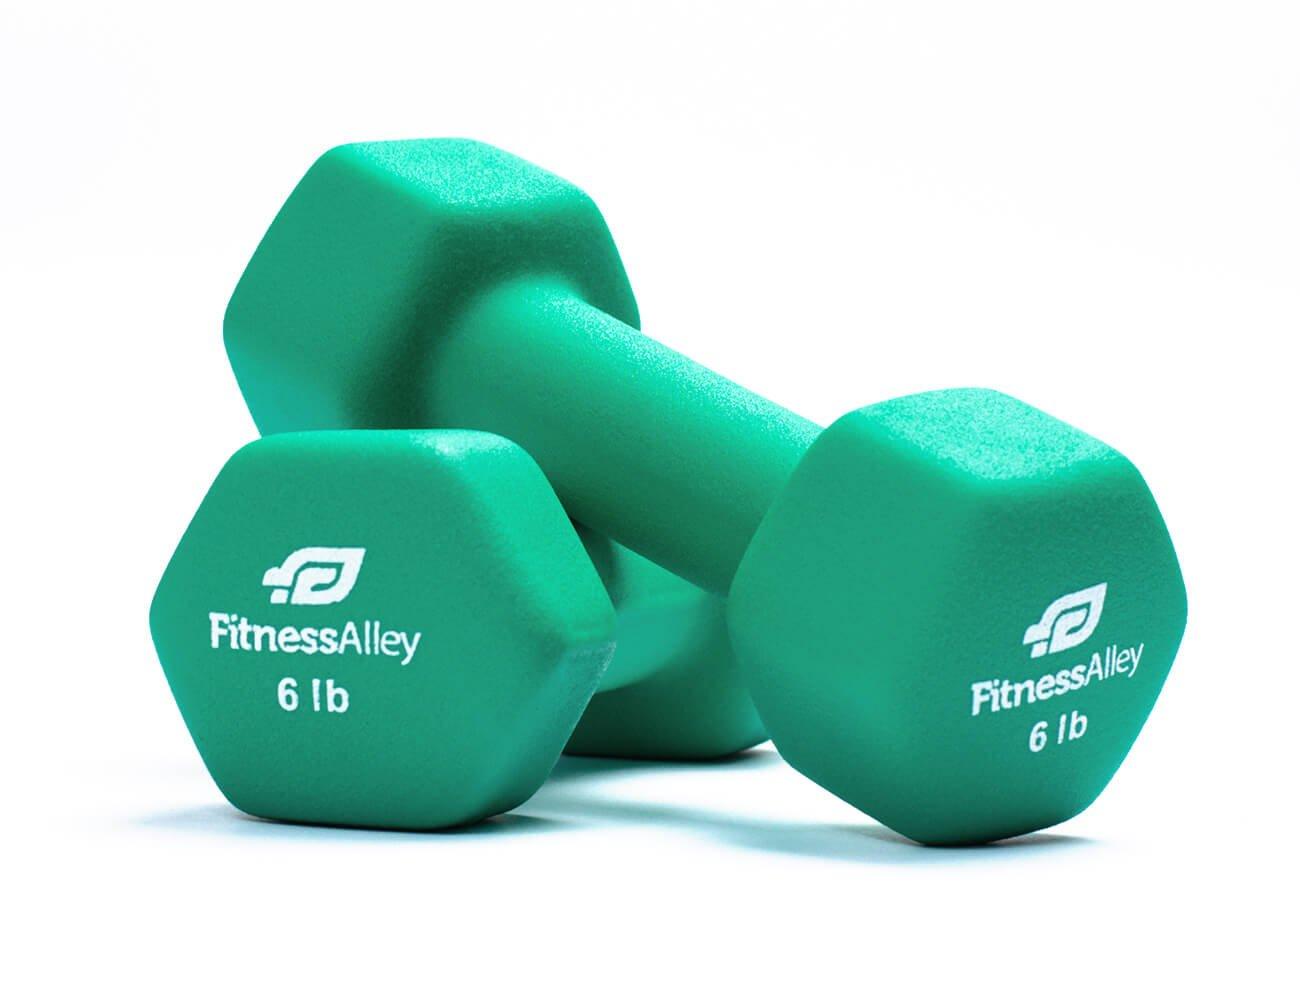 Fitness Alley 6lb Neoprene Dumbbell Set Coated for Non Slip Grip - Hex Dumbbells Weight Set - Hand weights set - Neoprene weight pairs - Hex Hand Weights - Set of two Neoprene Dumbbells, 6 lb - Green